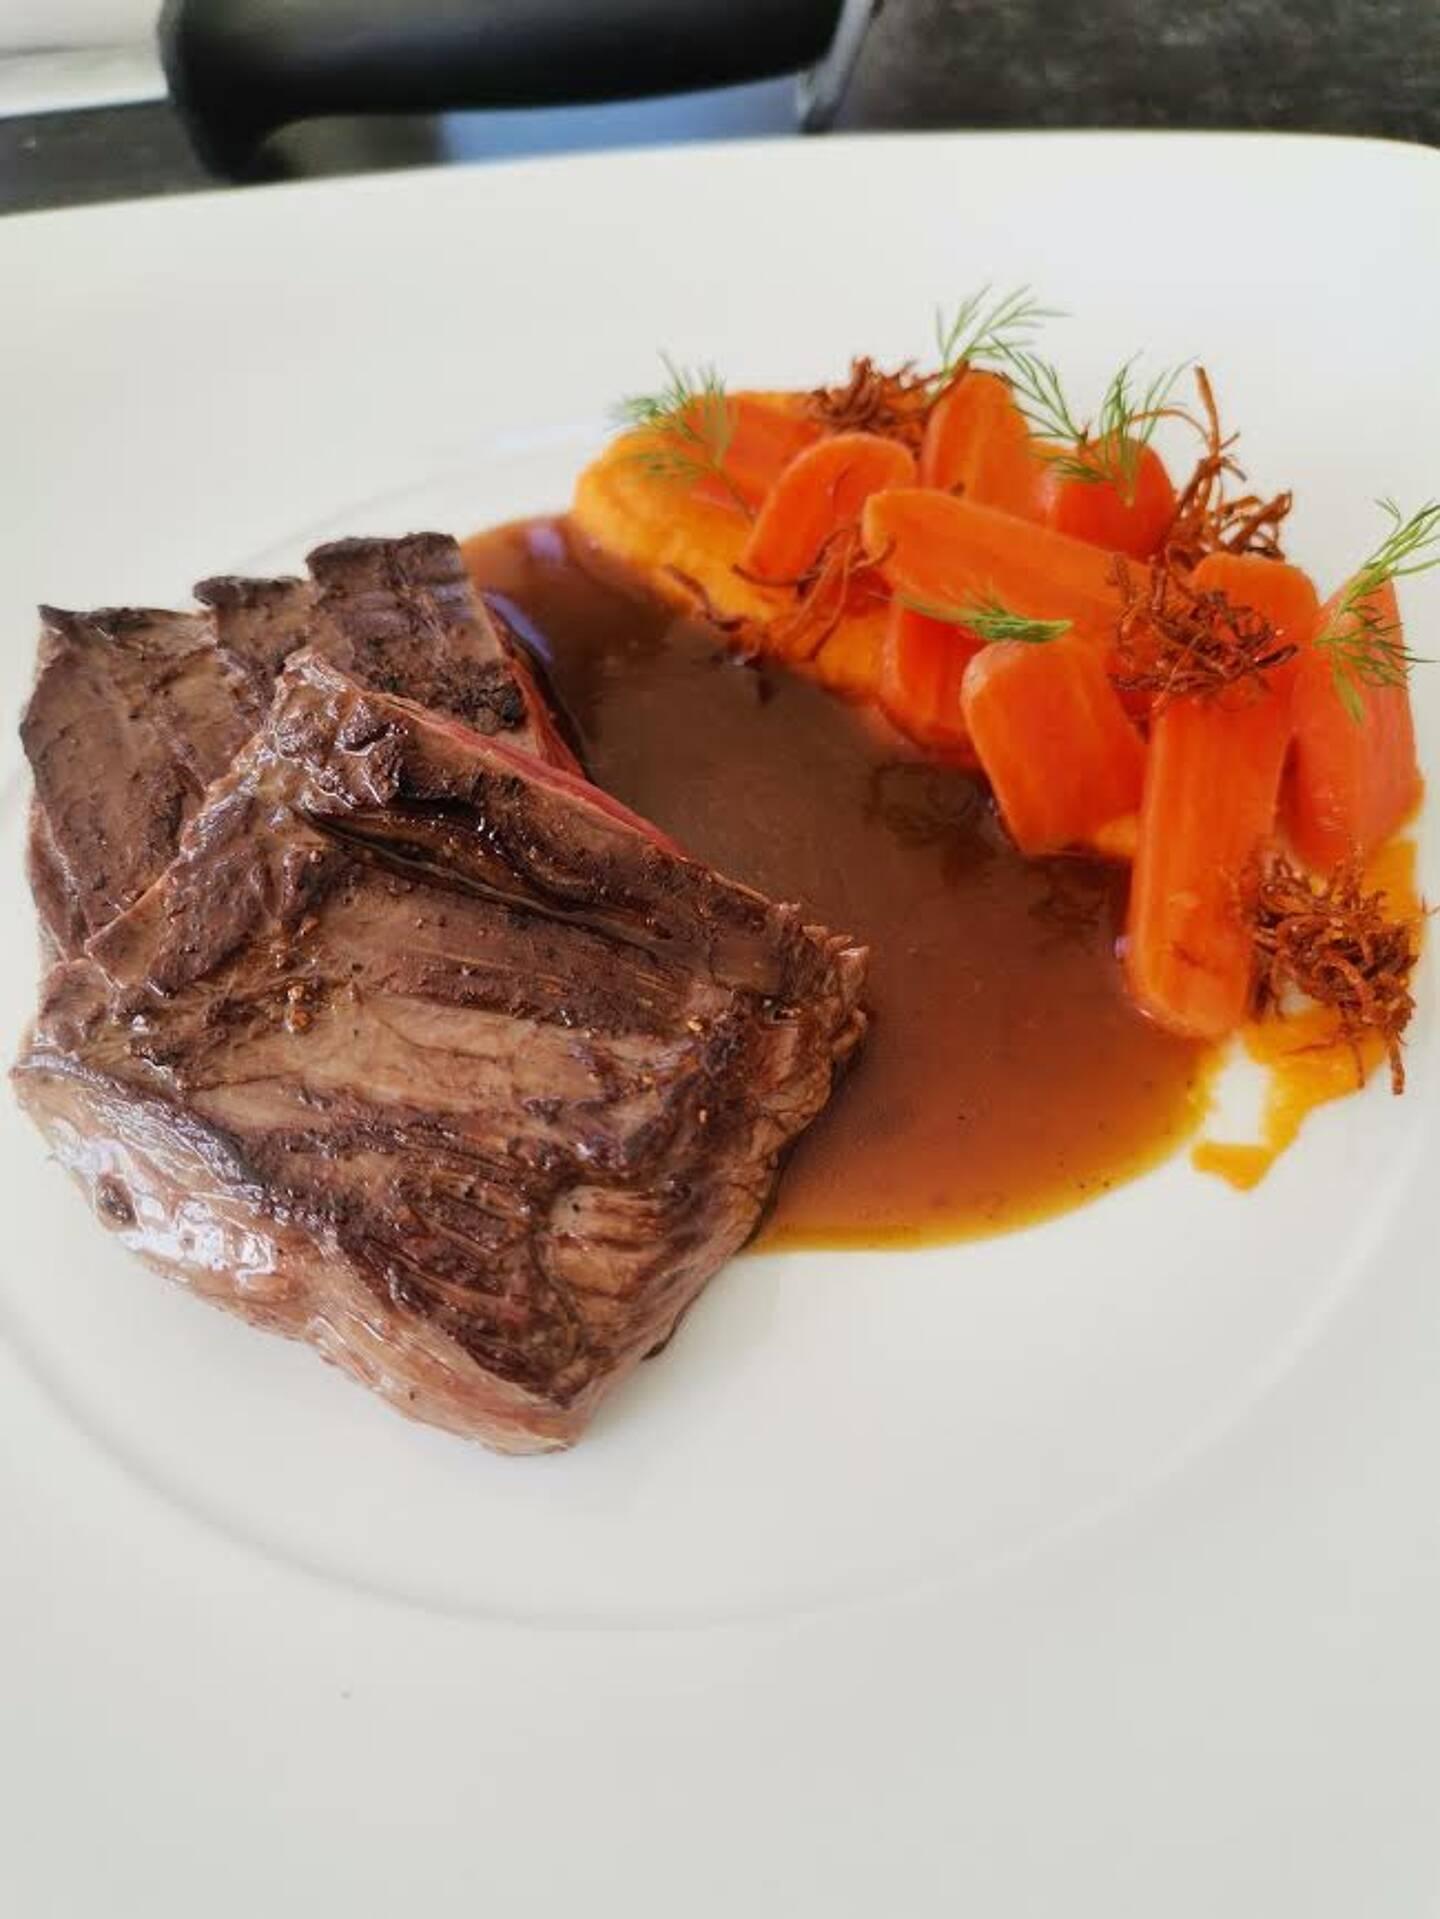 Onglet de bœuf et une déclinaison de carottes (en purée, glacées, frites avec une sauce au jus de carotte)